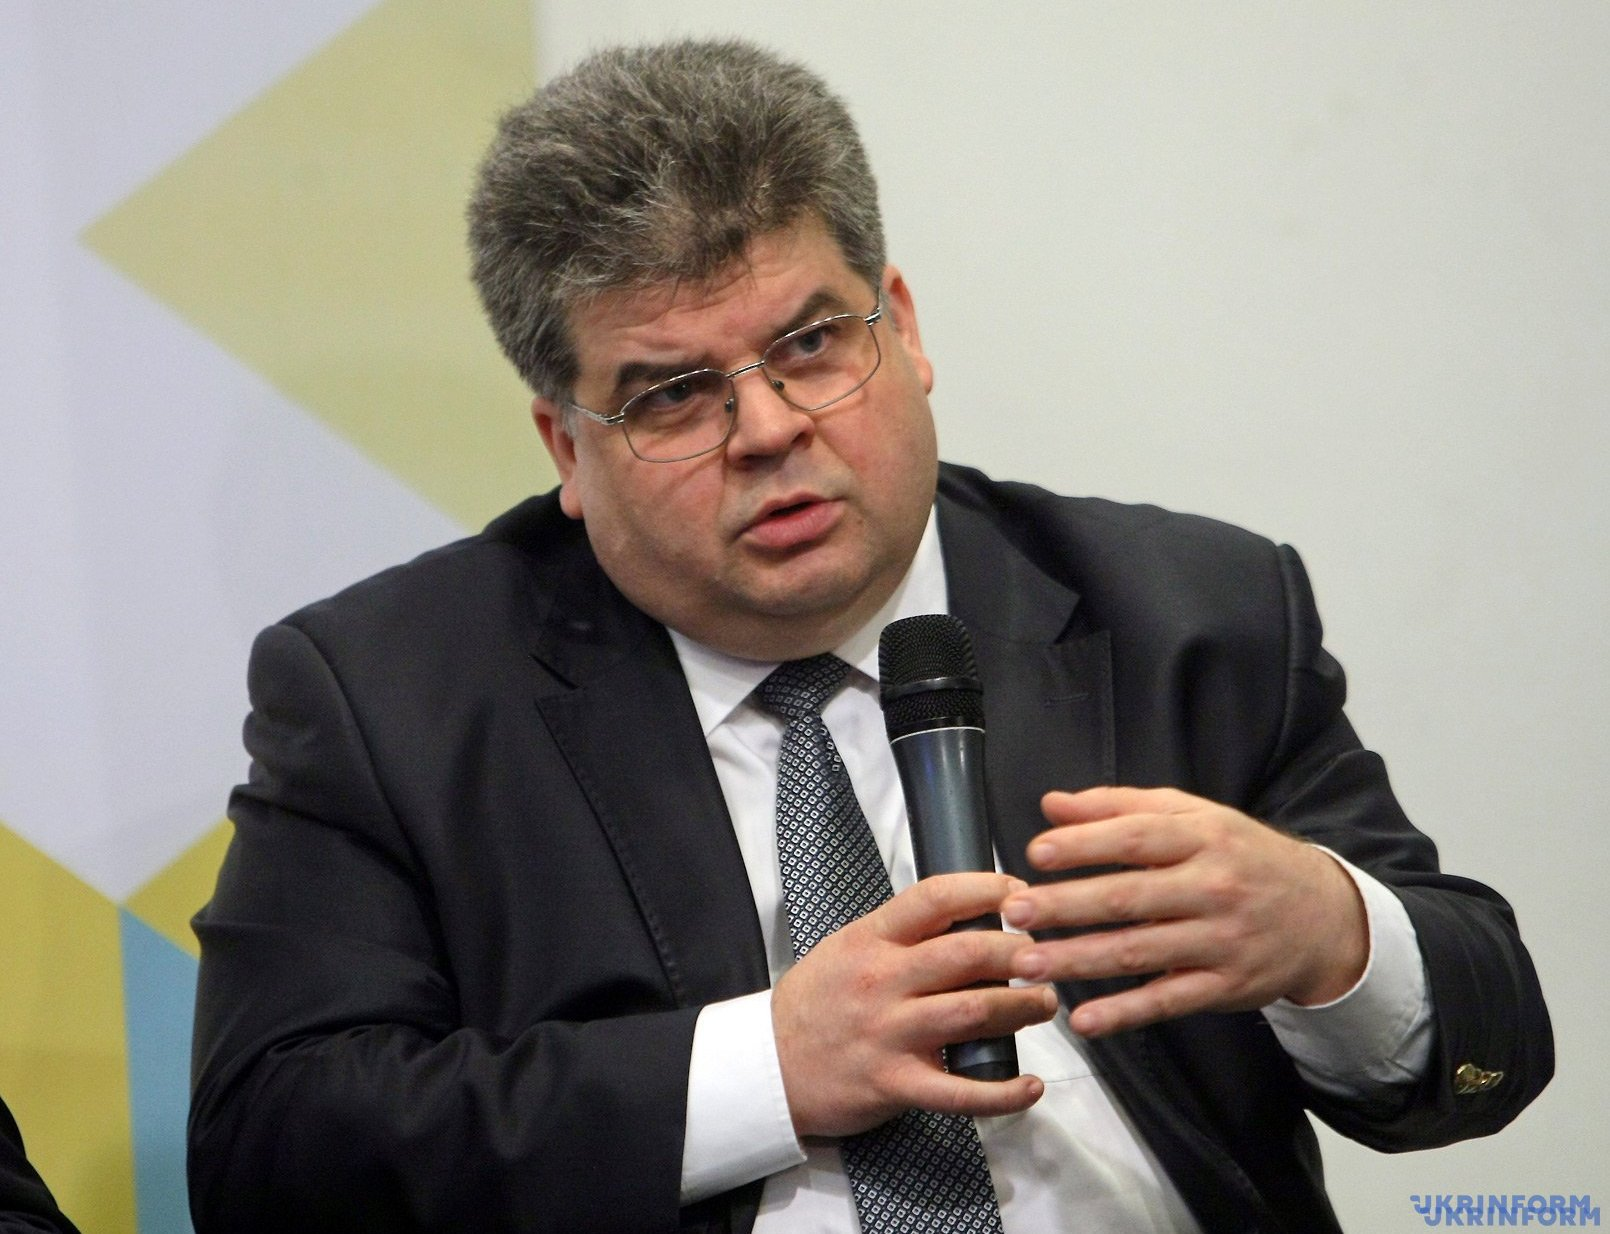 Богдан Яременко / Фото: Володимир Тарасов, Юрій Ільєнко, Укрінформ